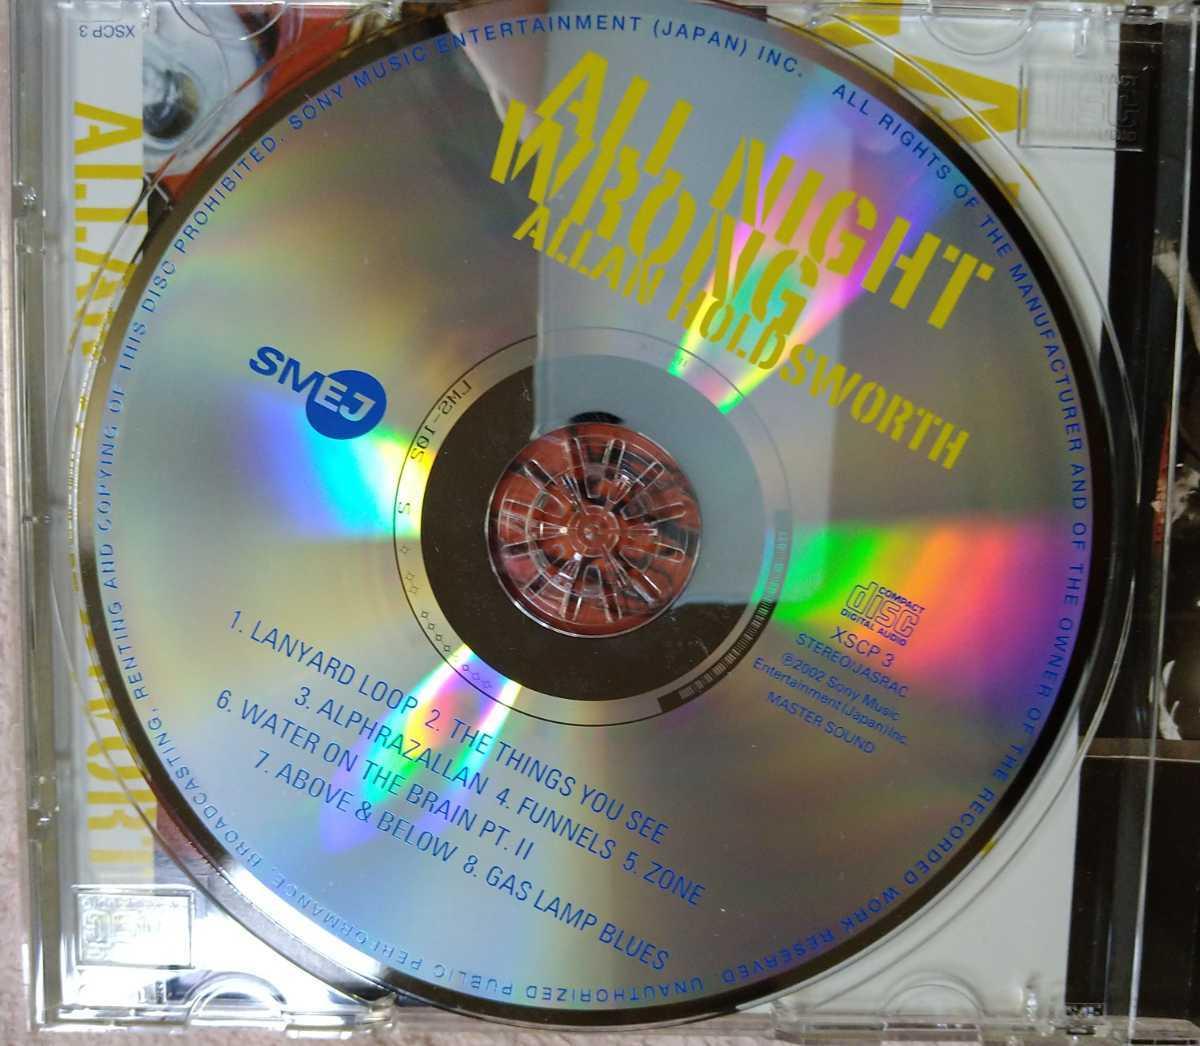 ライヴアルバム All Night Wrong アラン・ホールズワース 音質抜群&テクニック最高 Allan Holdsworth Pit Inn 中古CD_画像4